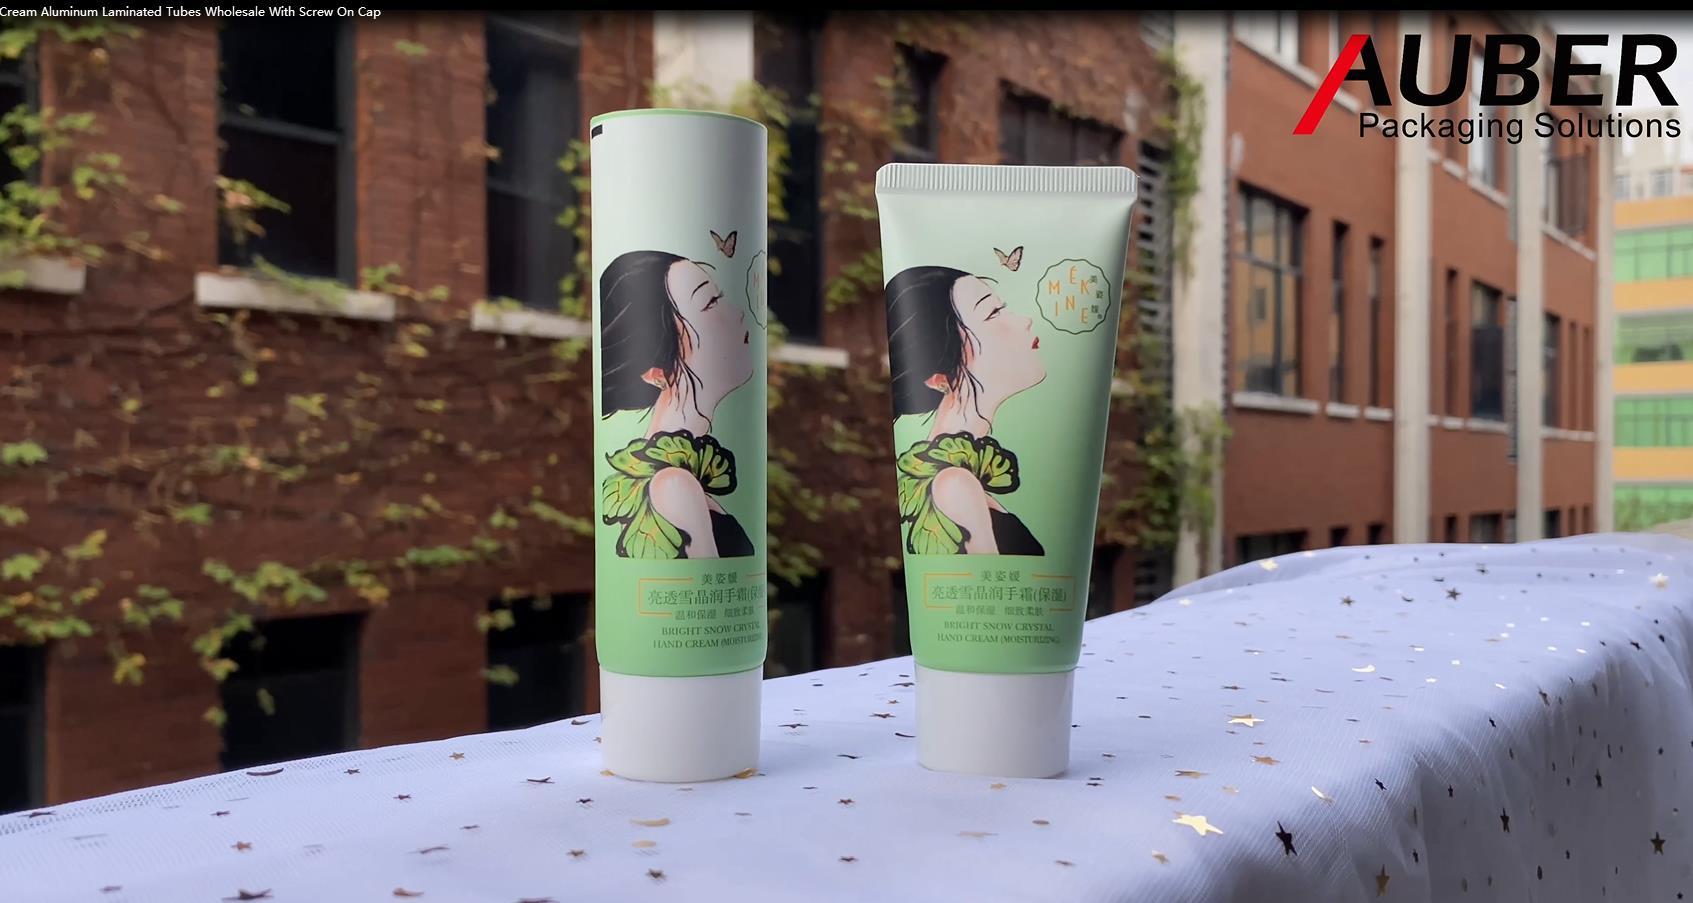 Auber D35mm Hand Cream Aluminum Laminated Tubes Wholesale With Screw On Cap